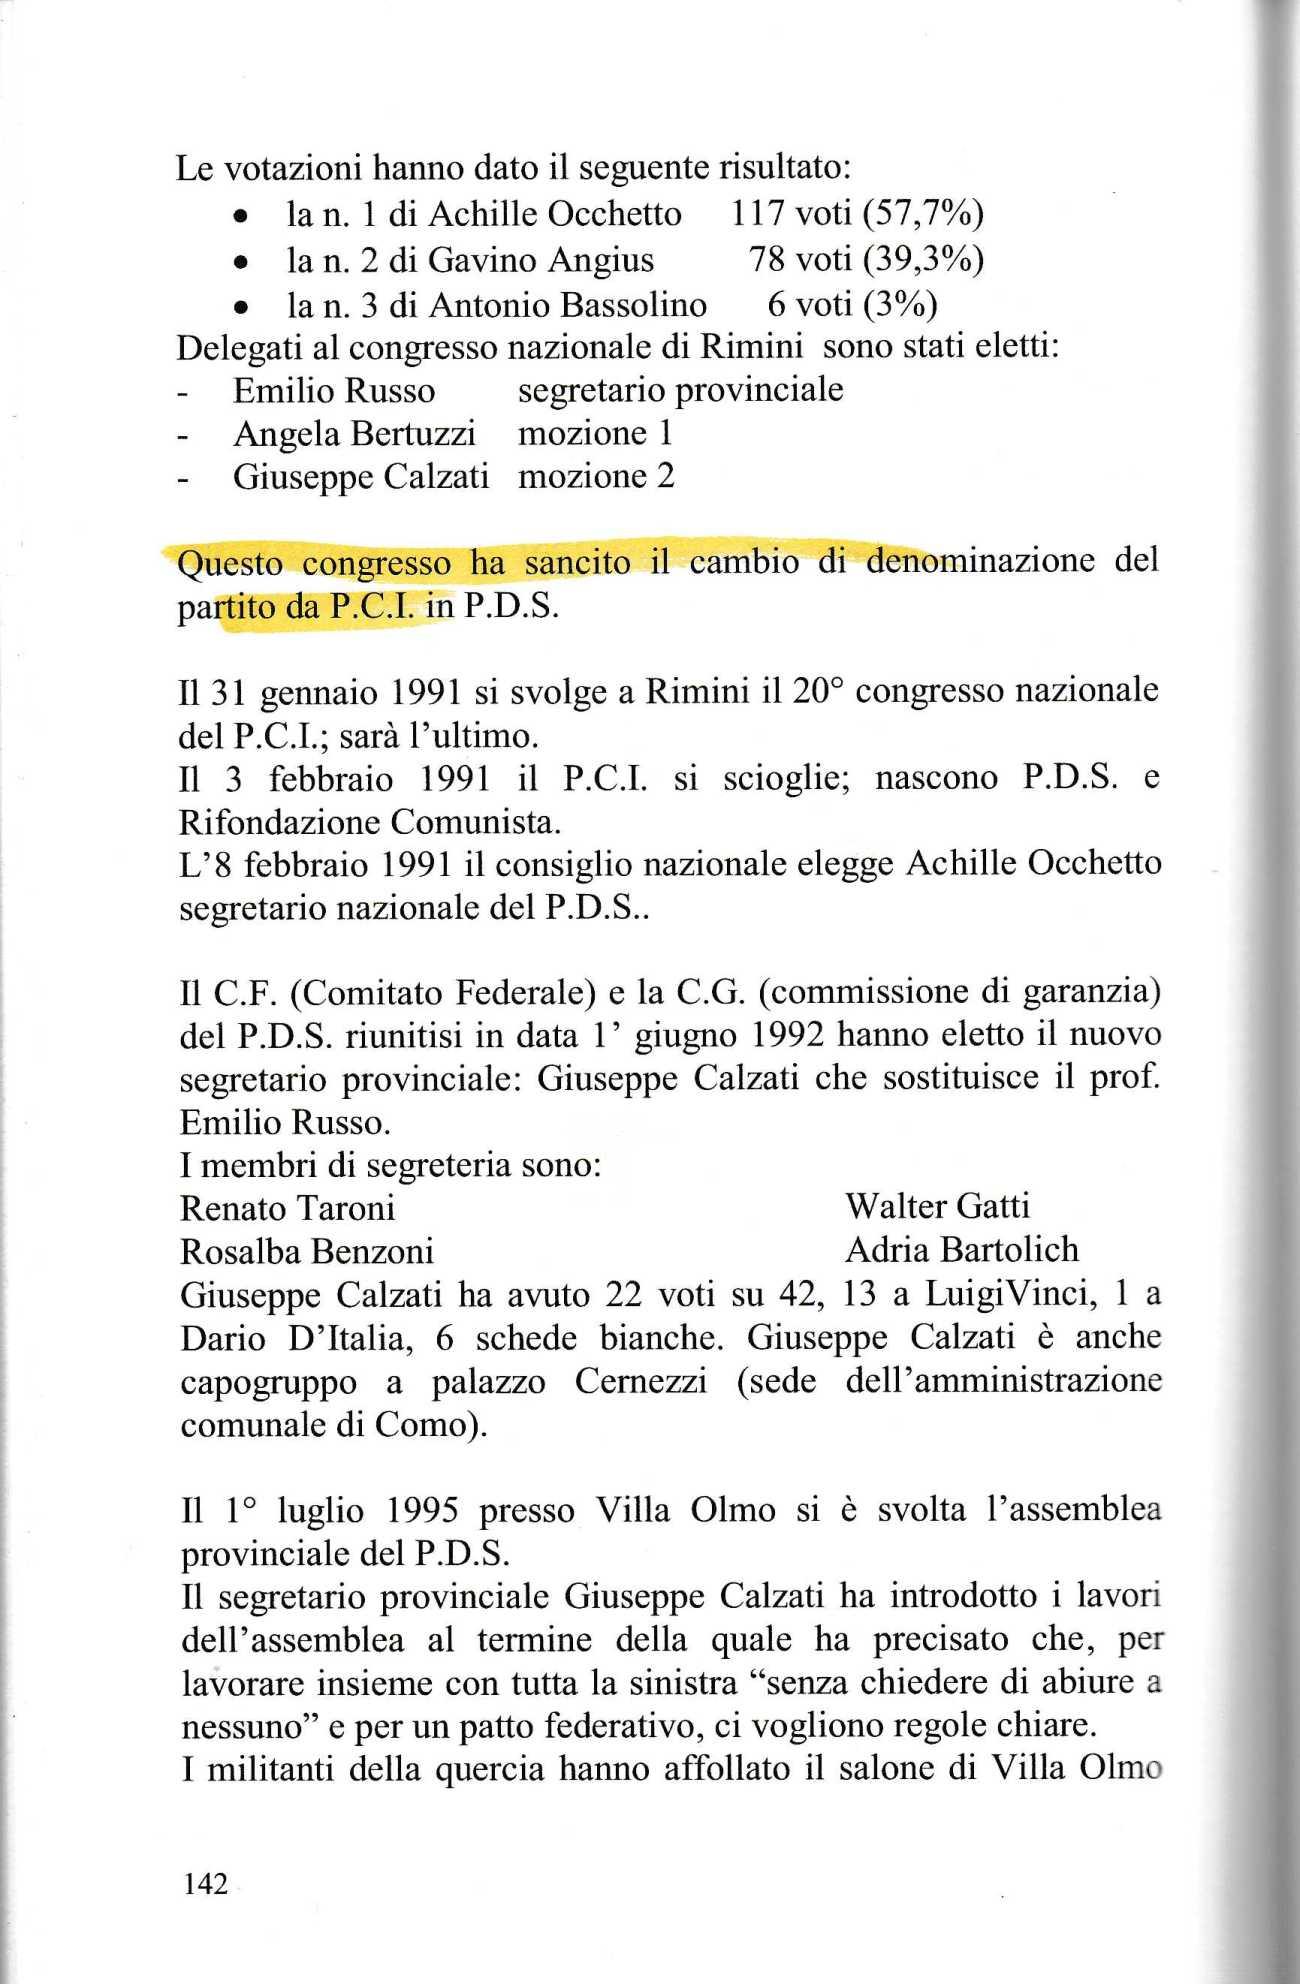 INDAVURU PCI COMO 2405